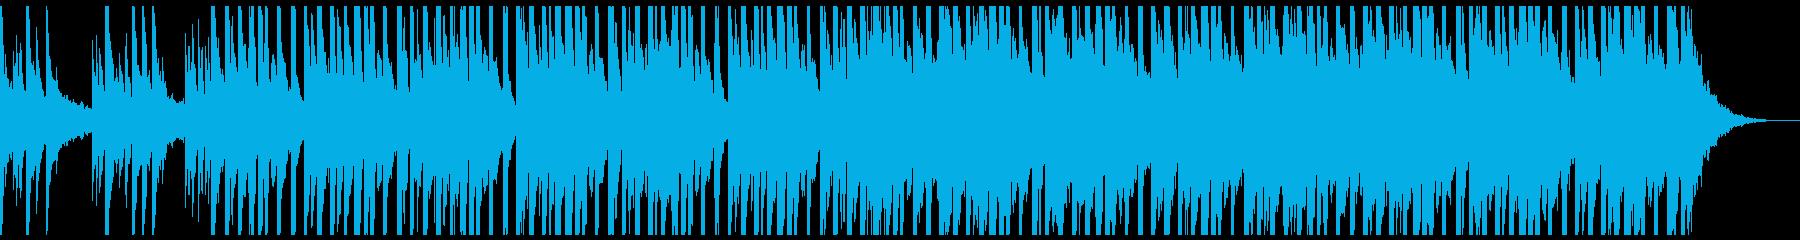 ティーン ポップ テクノ ハウス ...の再生済みの波形